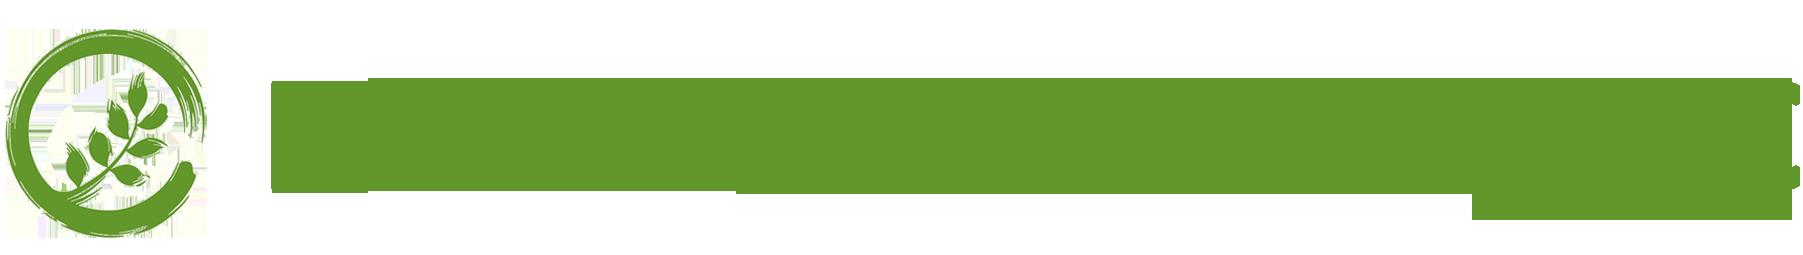 IVIE LAW GROUP, LLC